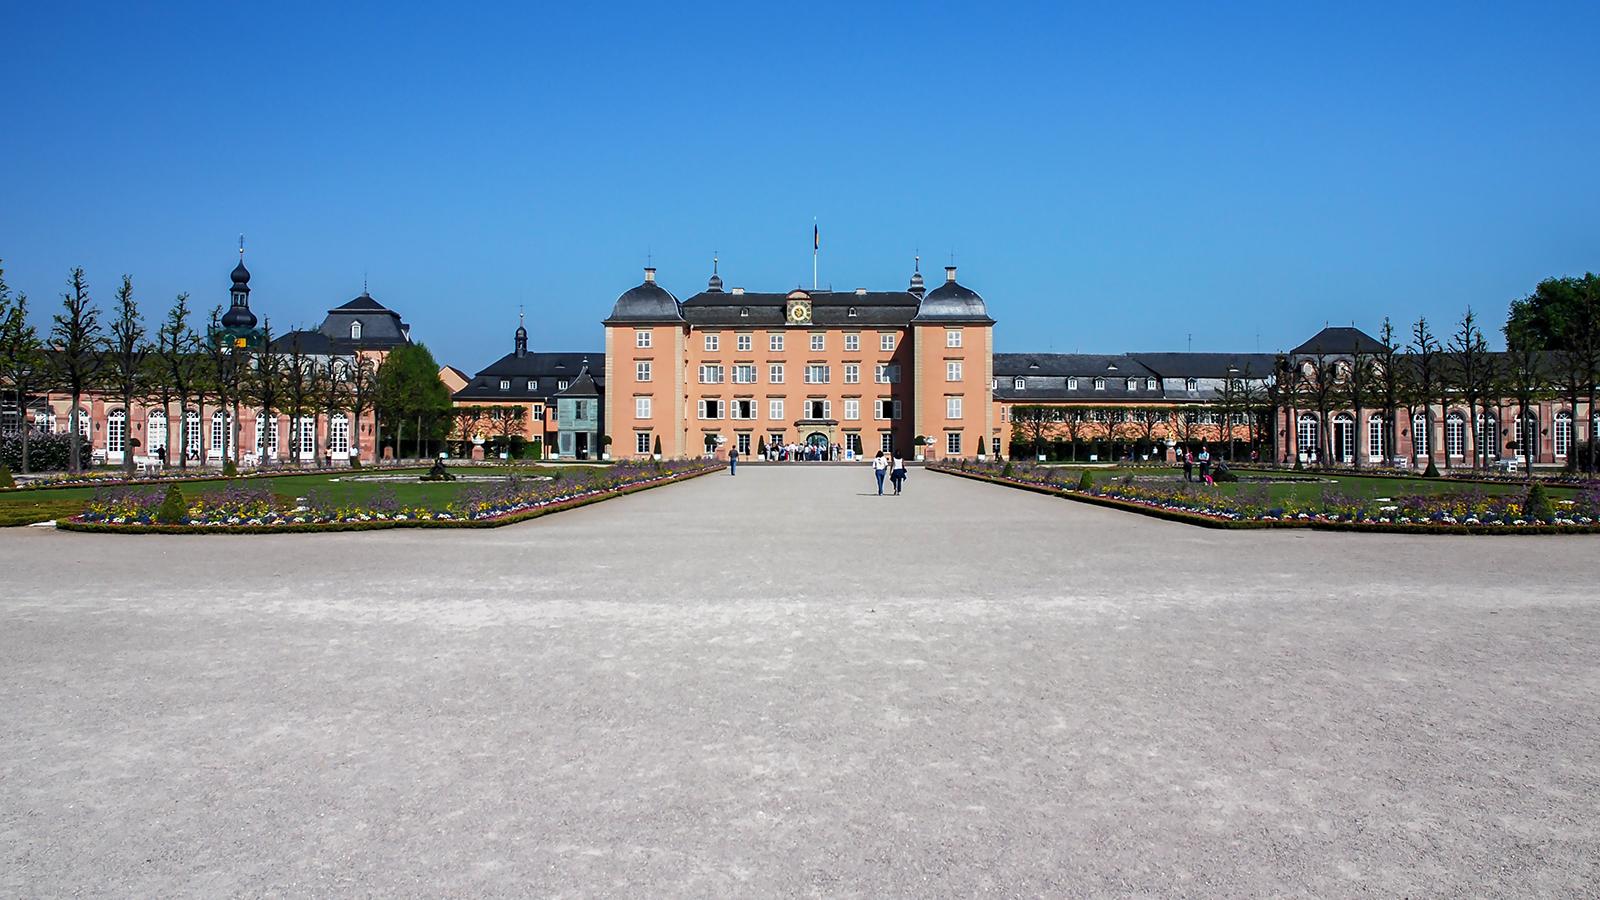 Schloss Schwetzingen, Germany